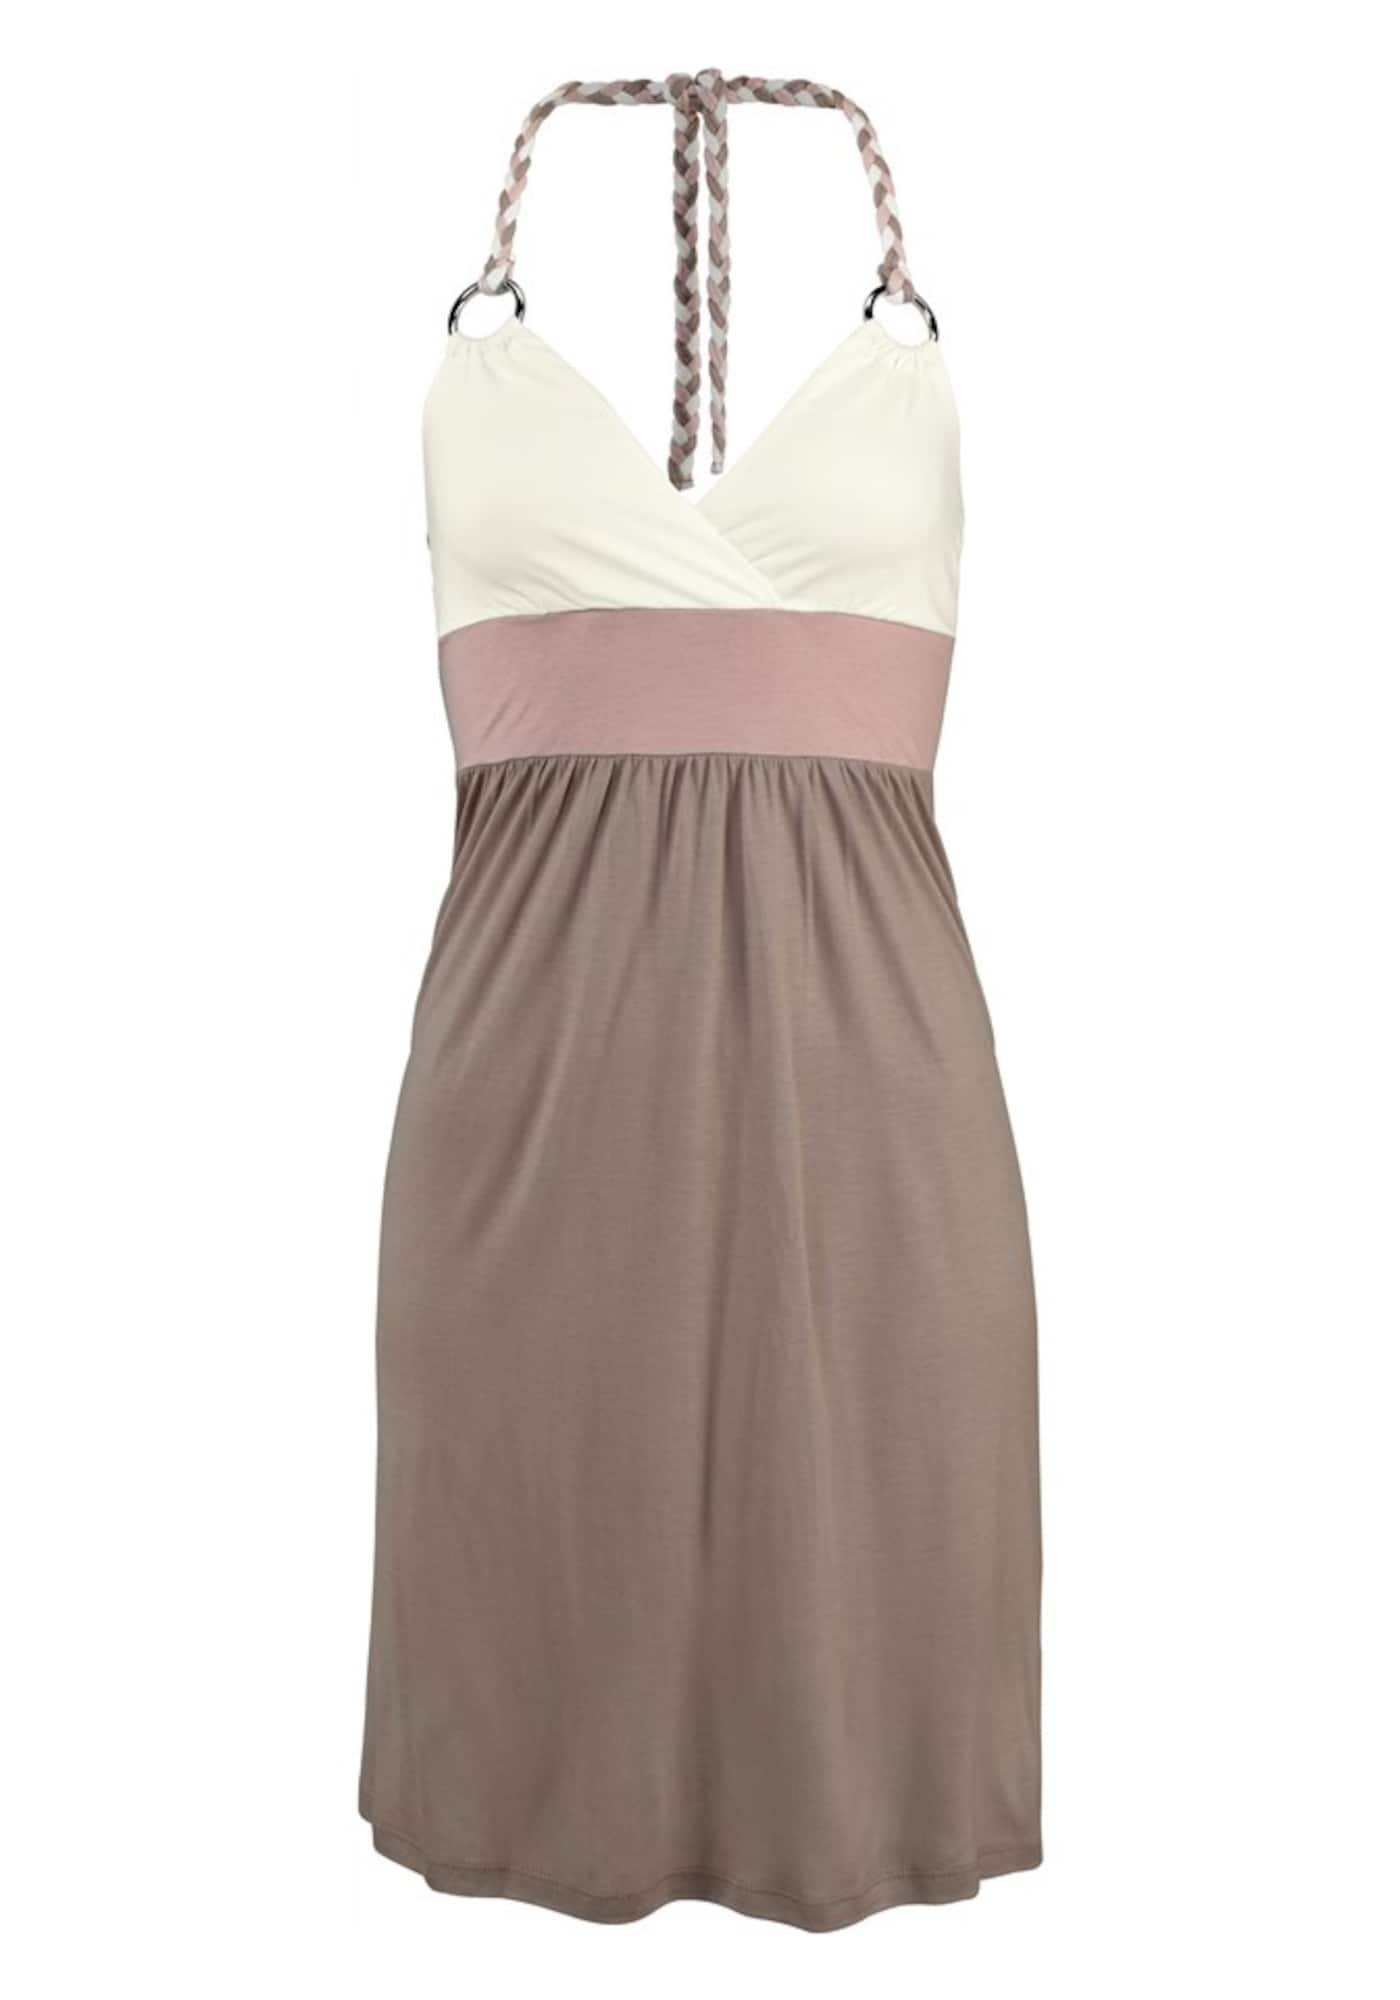 BEACH TIME Paplūdimio suknelė kremo / rausvai pilka / ryškiai rožinė spalva